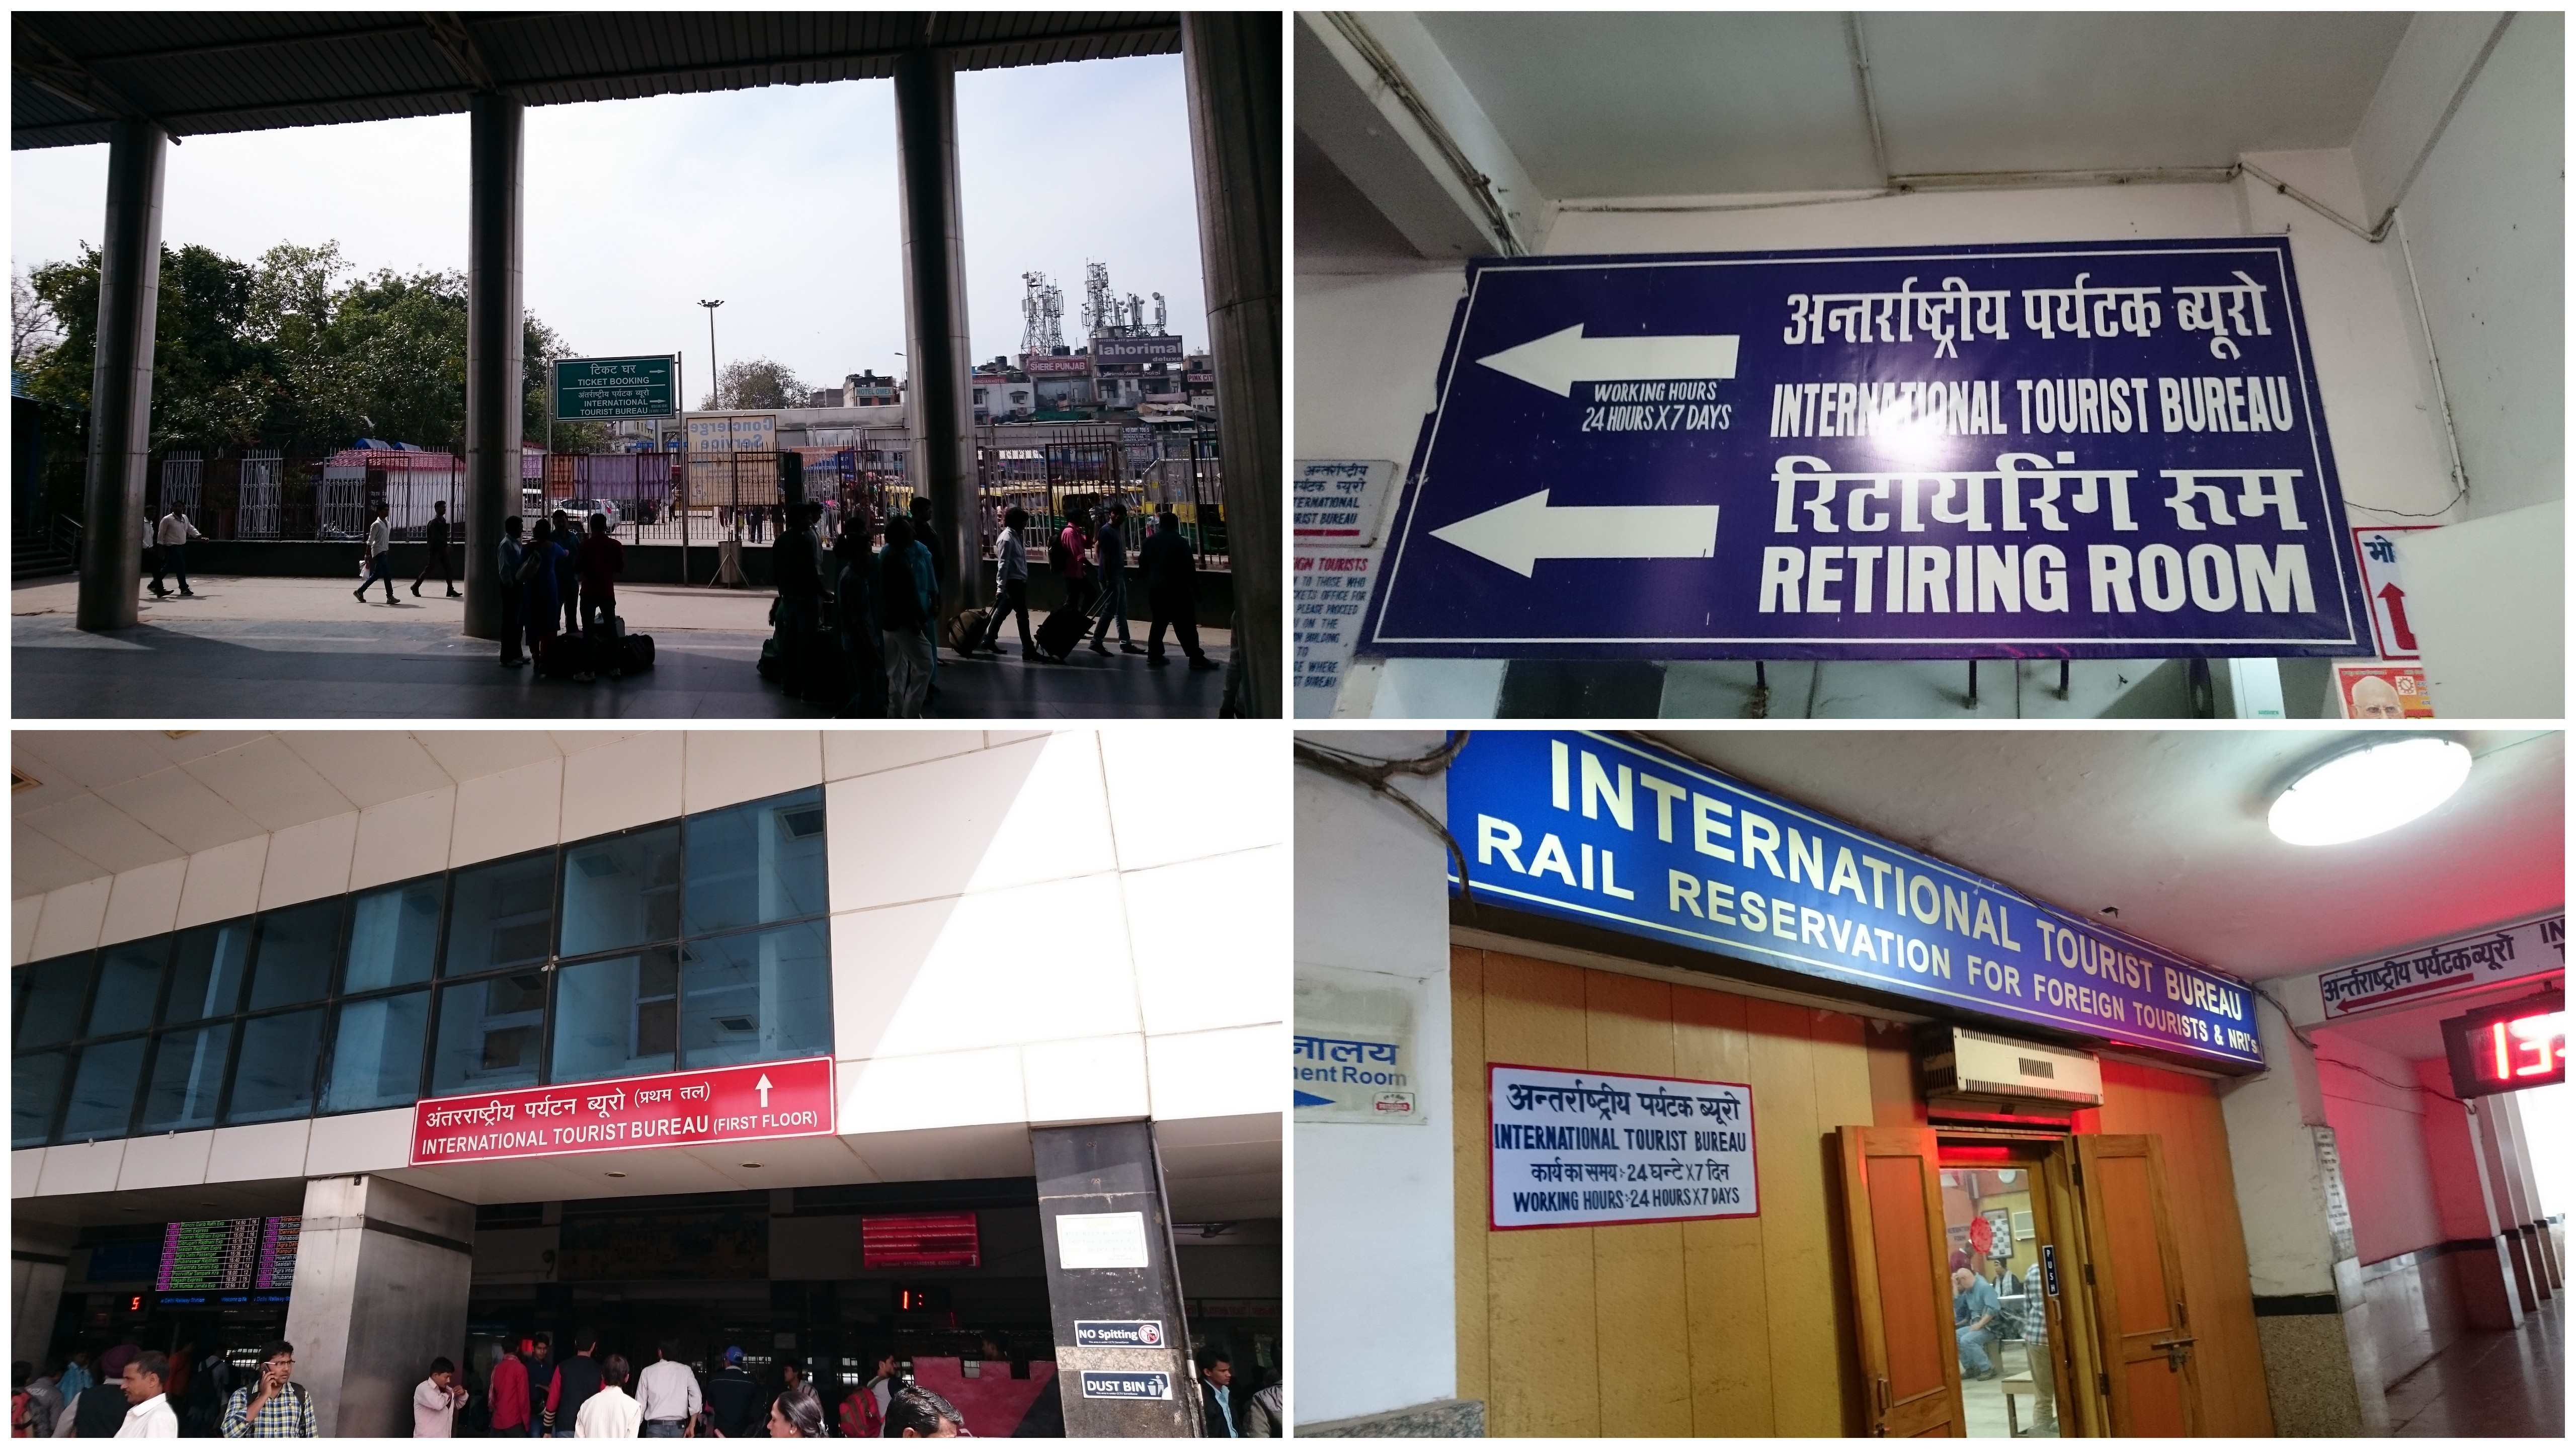 International Tourist Bureau Delhi